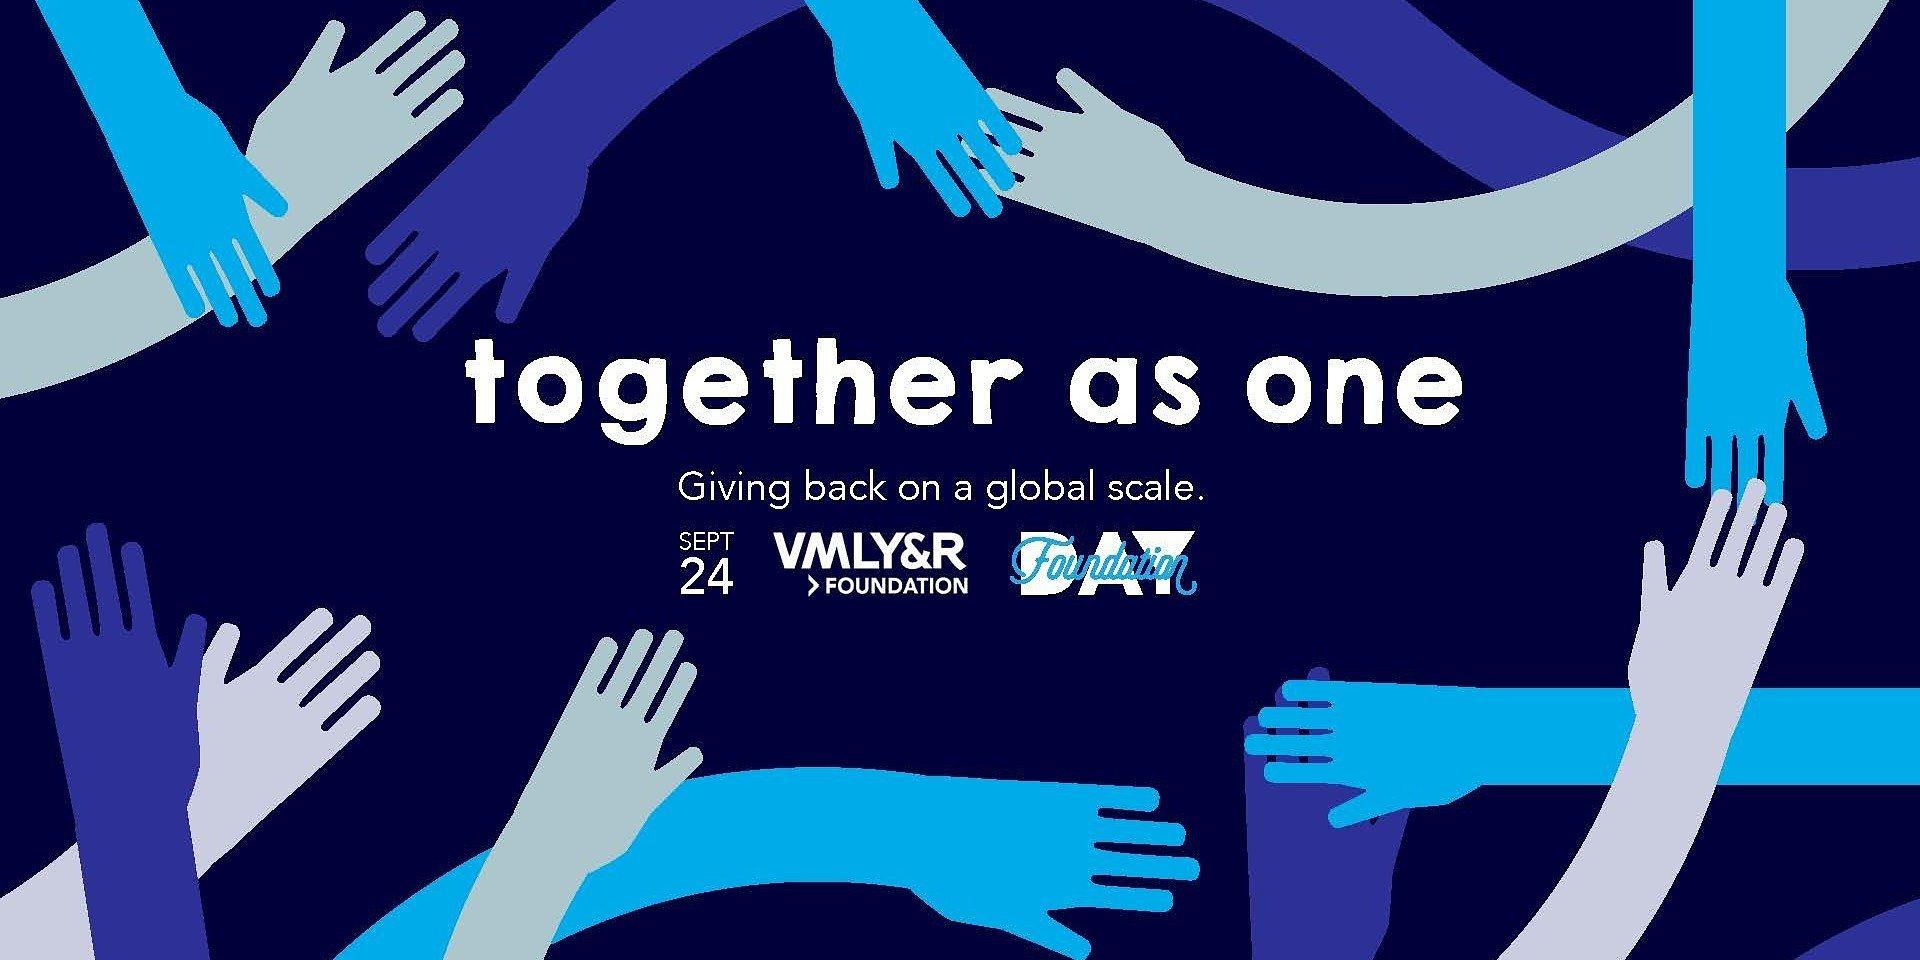 VMLY&R świętuje Worldwide Foundation Day 2020